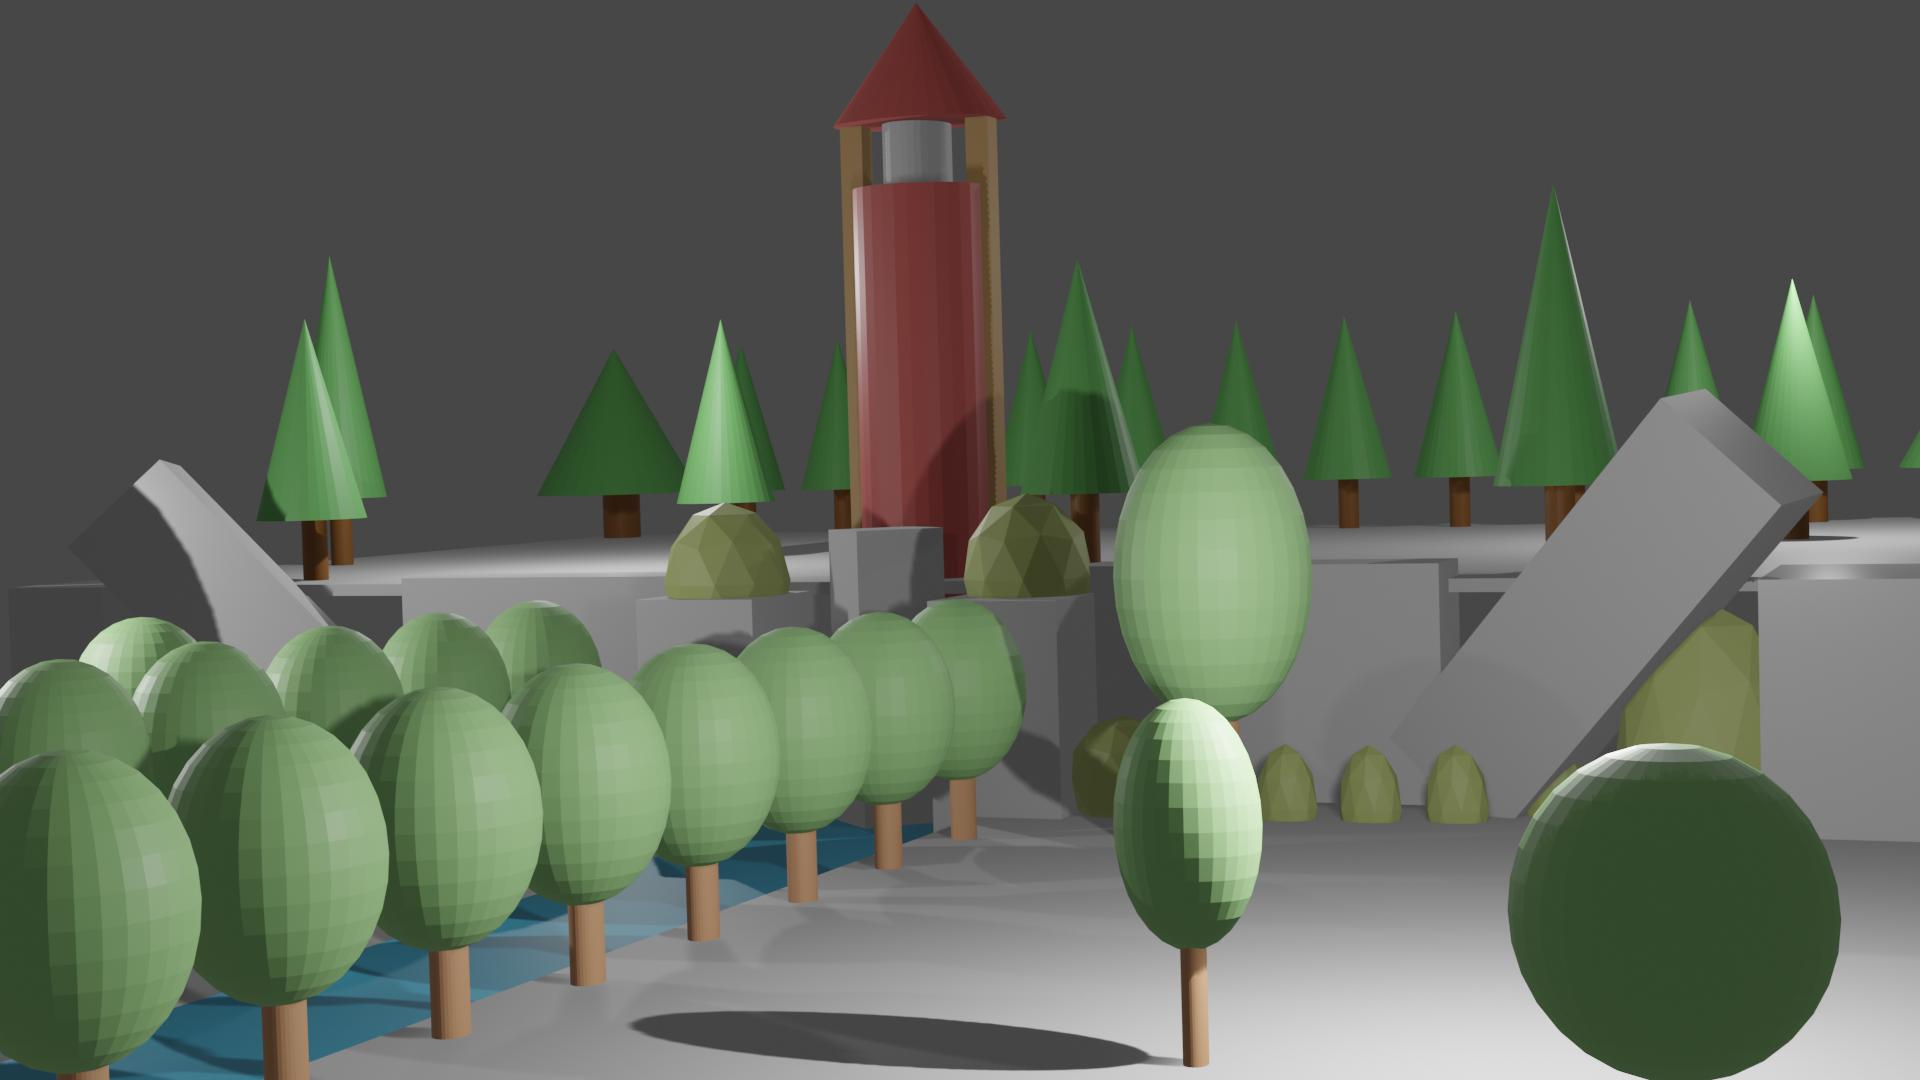 (MAR 3RD) TreeForestFinalImage.png